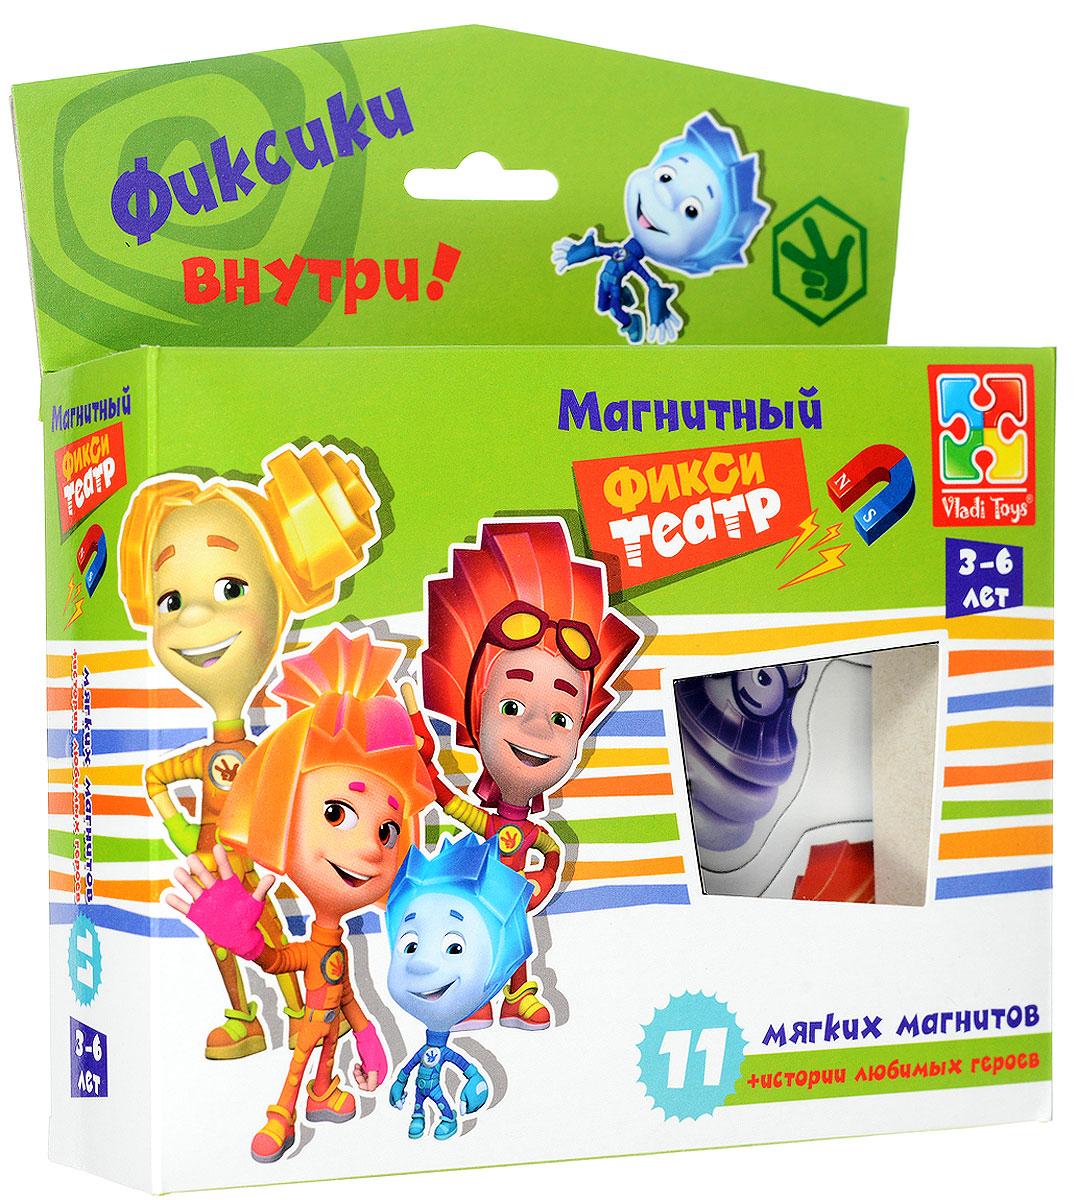 Vladi Toys Магнитный кукольный театр Фиксики VT3206-20VT3206-20Магнитный кукольный театр Vladi Toys Фиксики - это прекрасная возможность для малыша творить и создавать свои собственные сюжеты! Любимый мультик на холодильнике - что может быть интереснее и удобнее! Поставить настоящий спектакль дома теперь легко и просто! Магнитному театру не нужна большая сцена и огромные декорации - играть можно просто на холодильнике или на магнитном планшете. В такой сюжетно-ролевой игре проявляется характер и творческое самовыражение ребенка. В игру входят персонажи и декорации. Все элементы - мягкие и толстенькие, такими магнитами удобно пользоваться. Также в состав игры входят истории любимых героев.